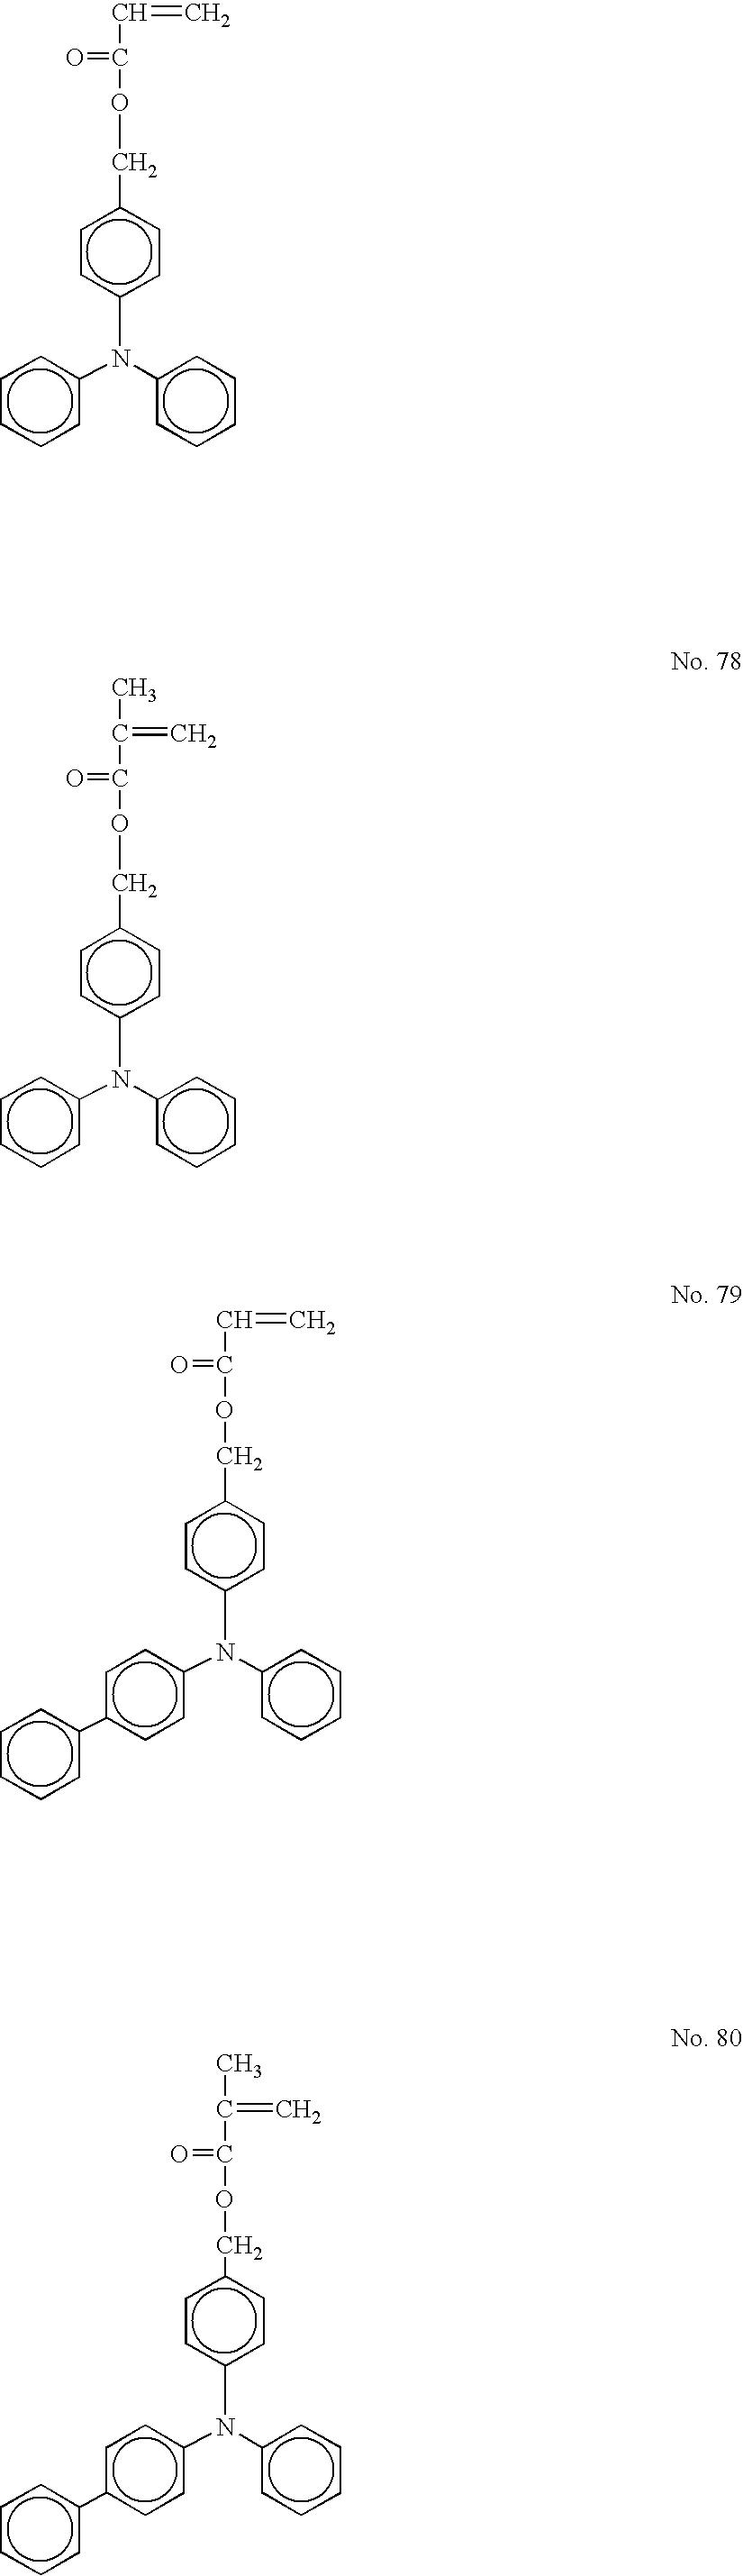 Figure US20070059619A1-20070315-C00030